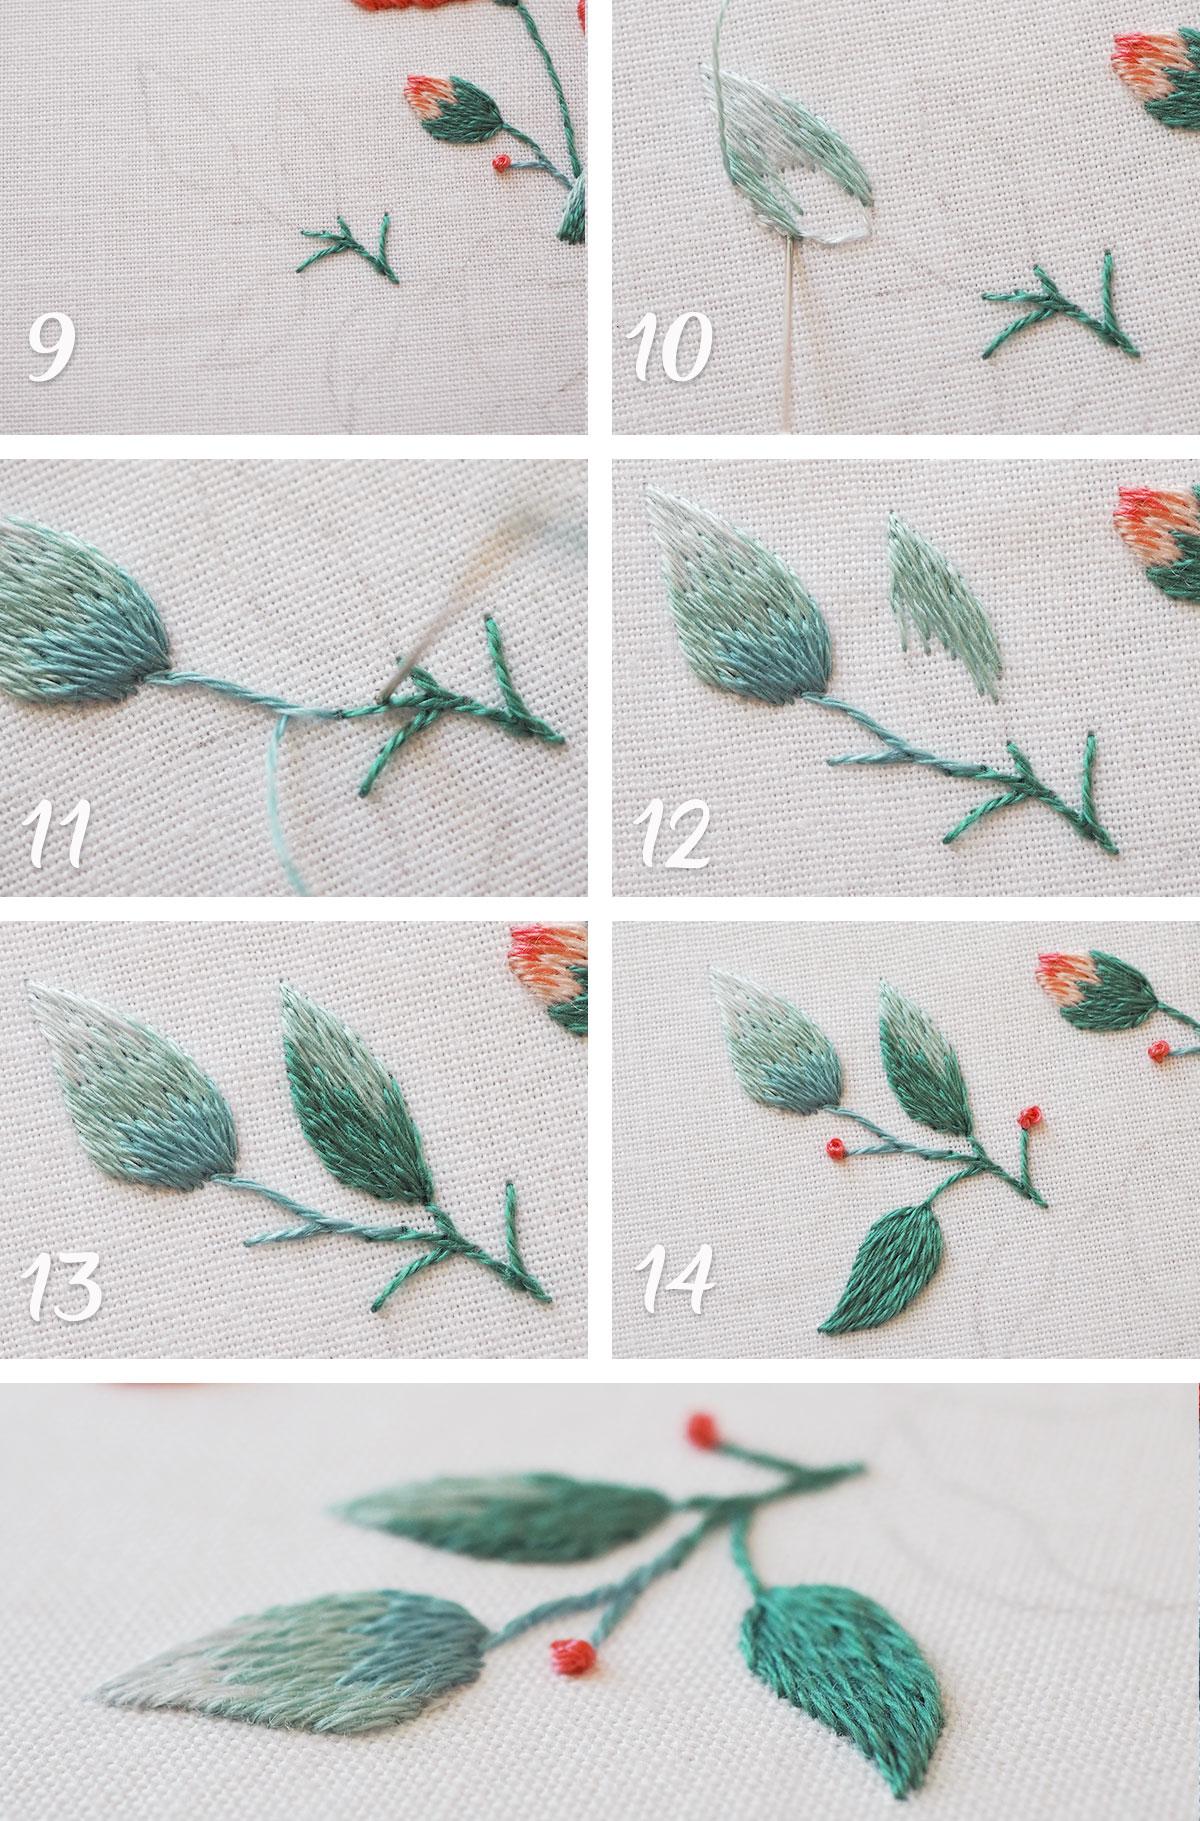 stitch along instructions